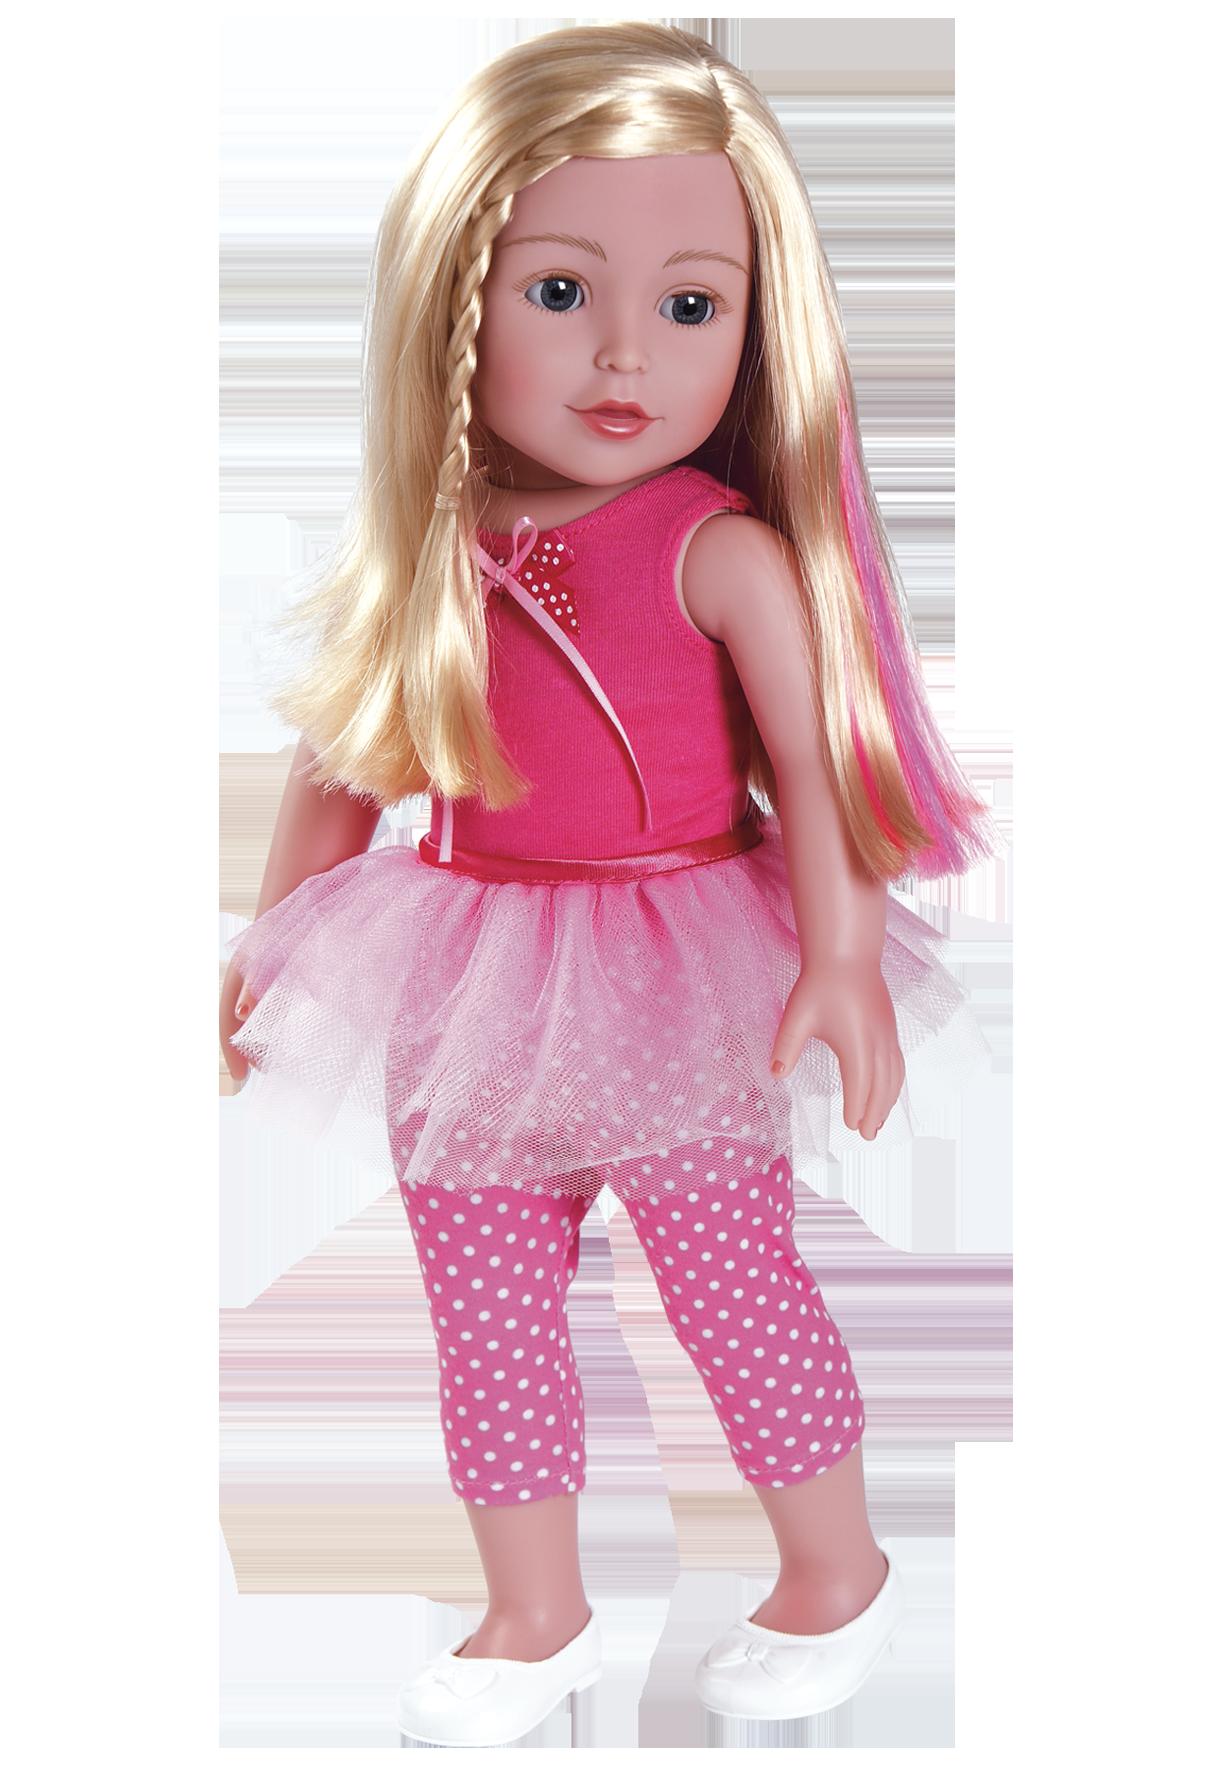 Pin On Dolls American Girl